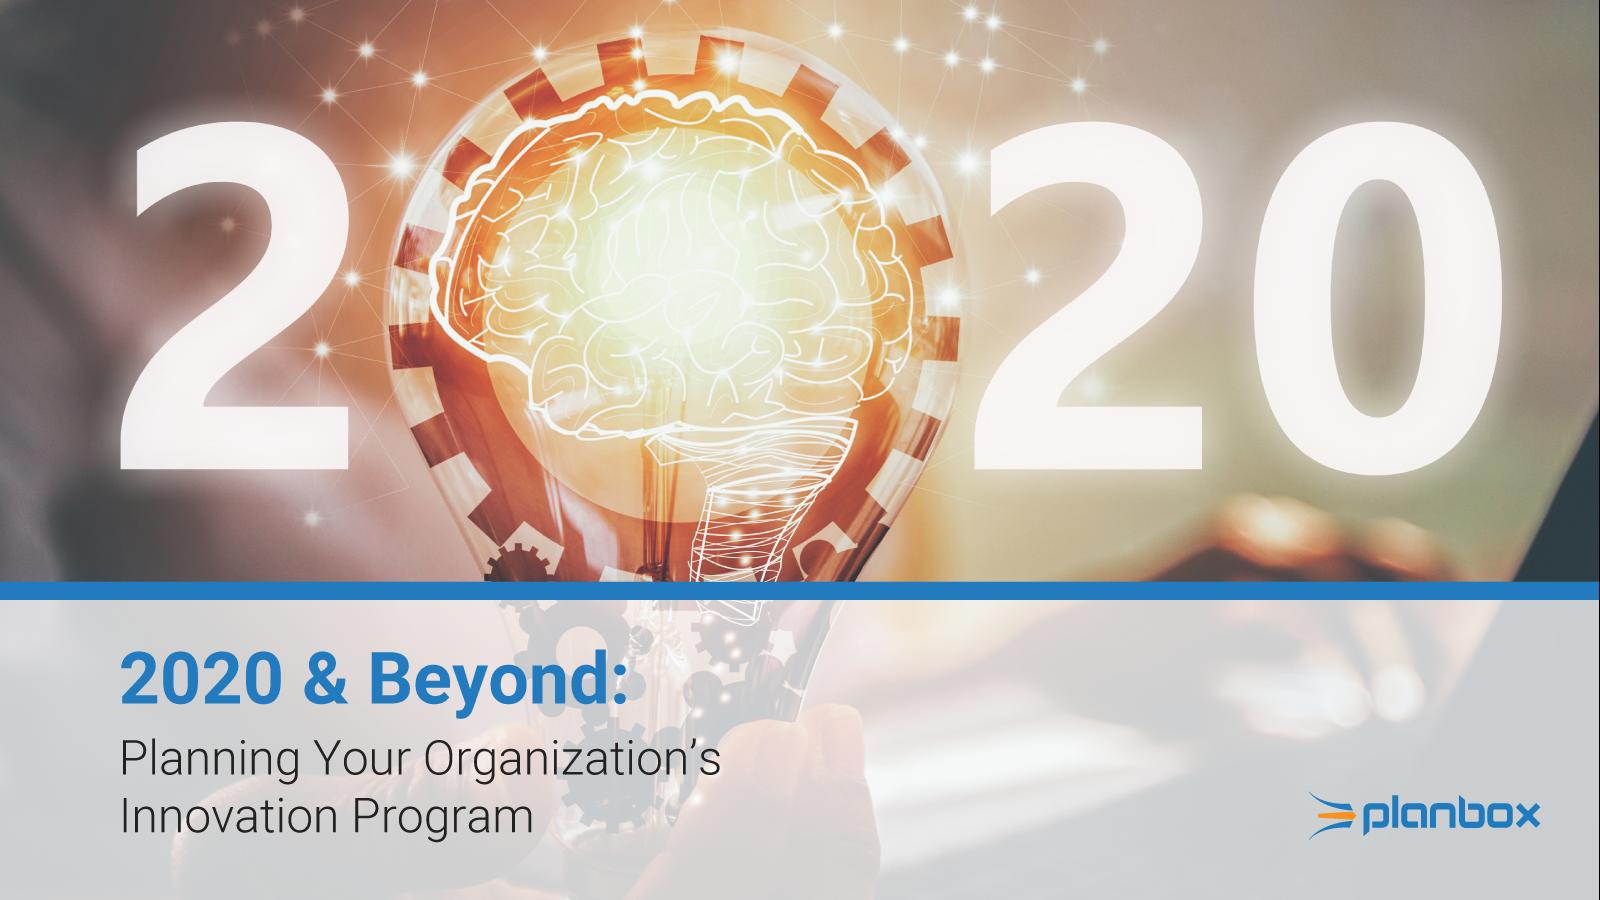 2020 innovation program